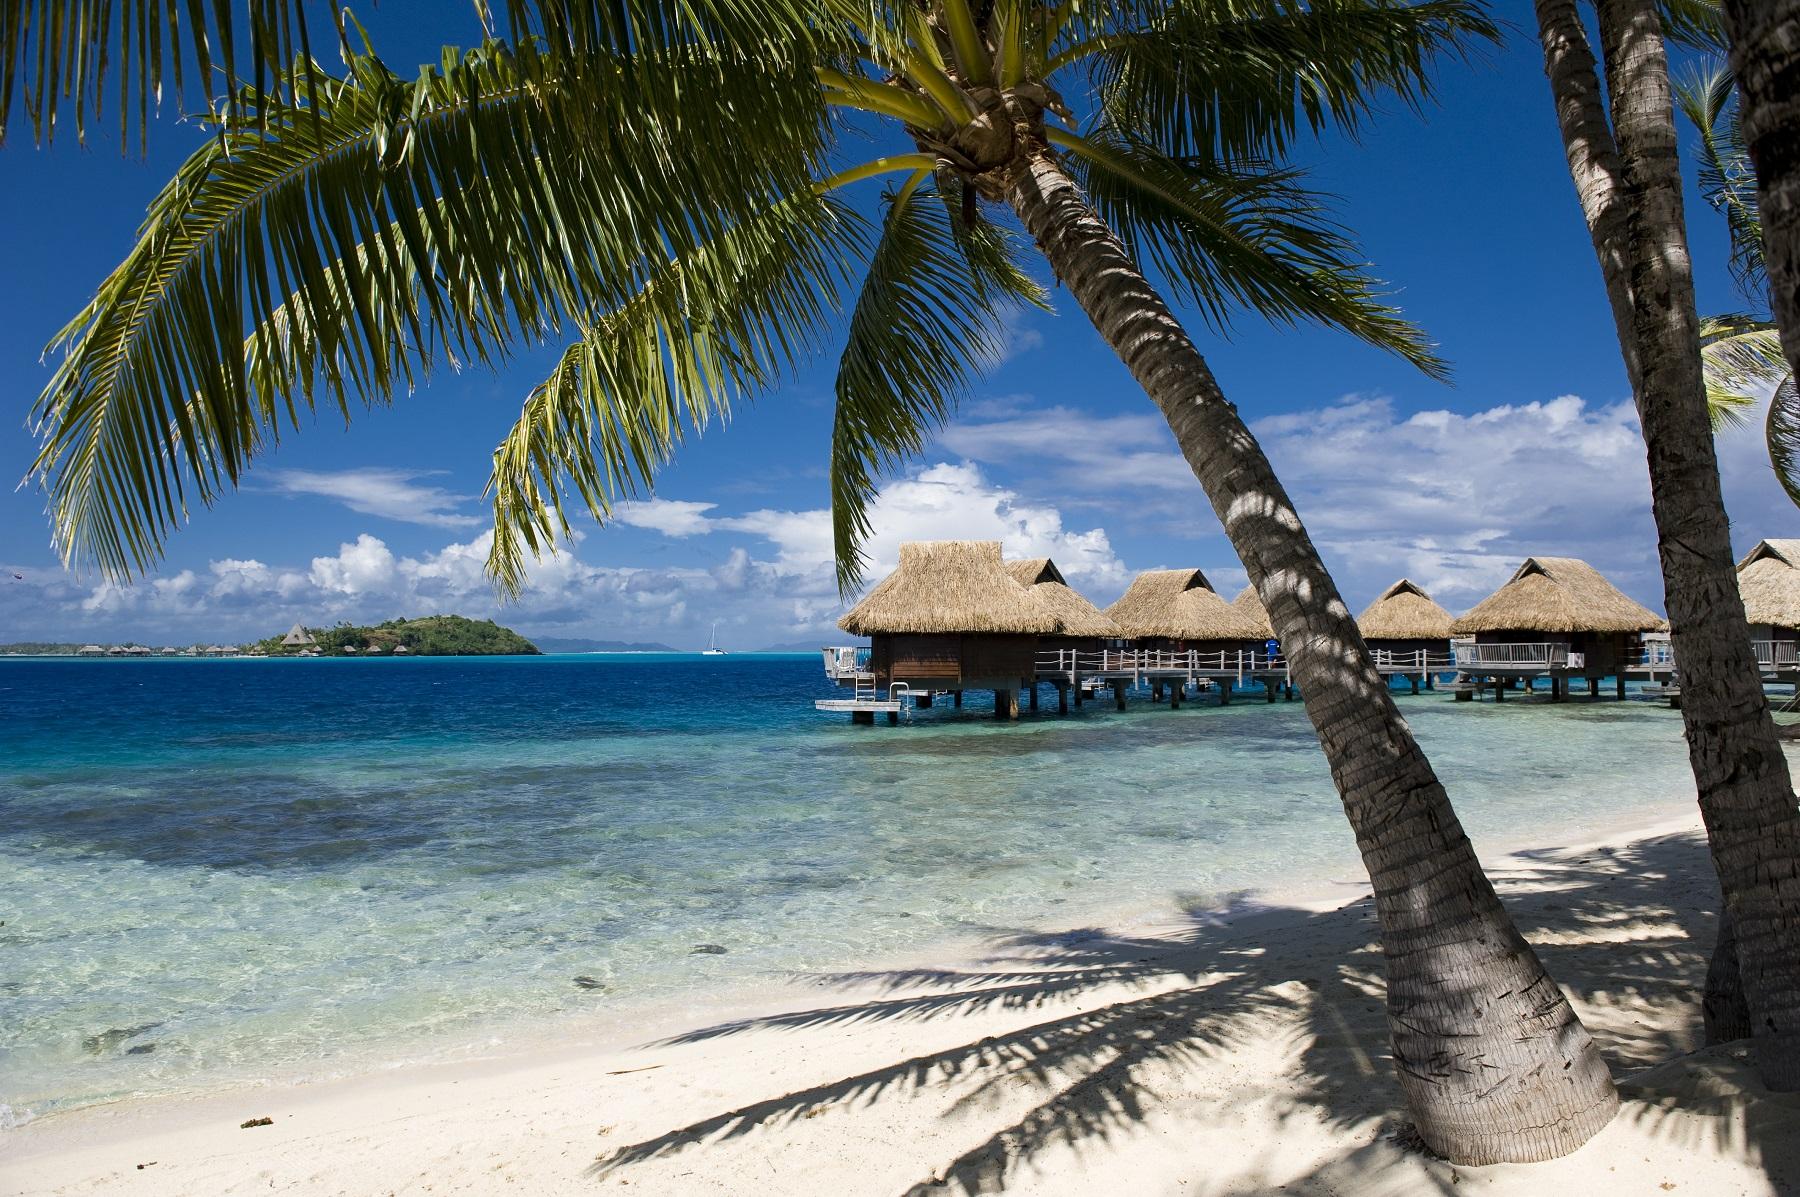 https://tahititourisme.fr/wp-content/uploads/2020/10/maitai-polynesia-bora-bora_5817904162_o.jpg